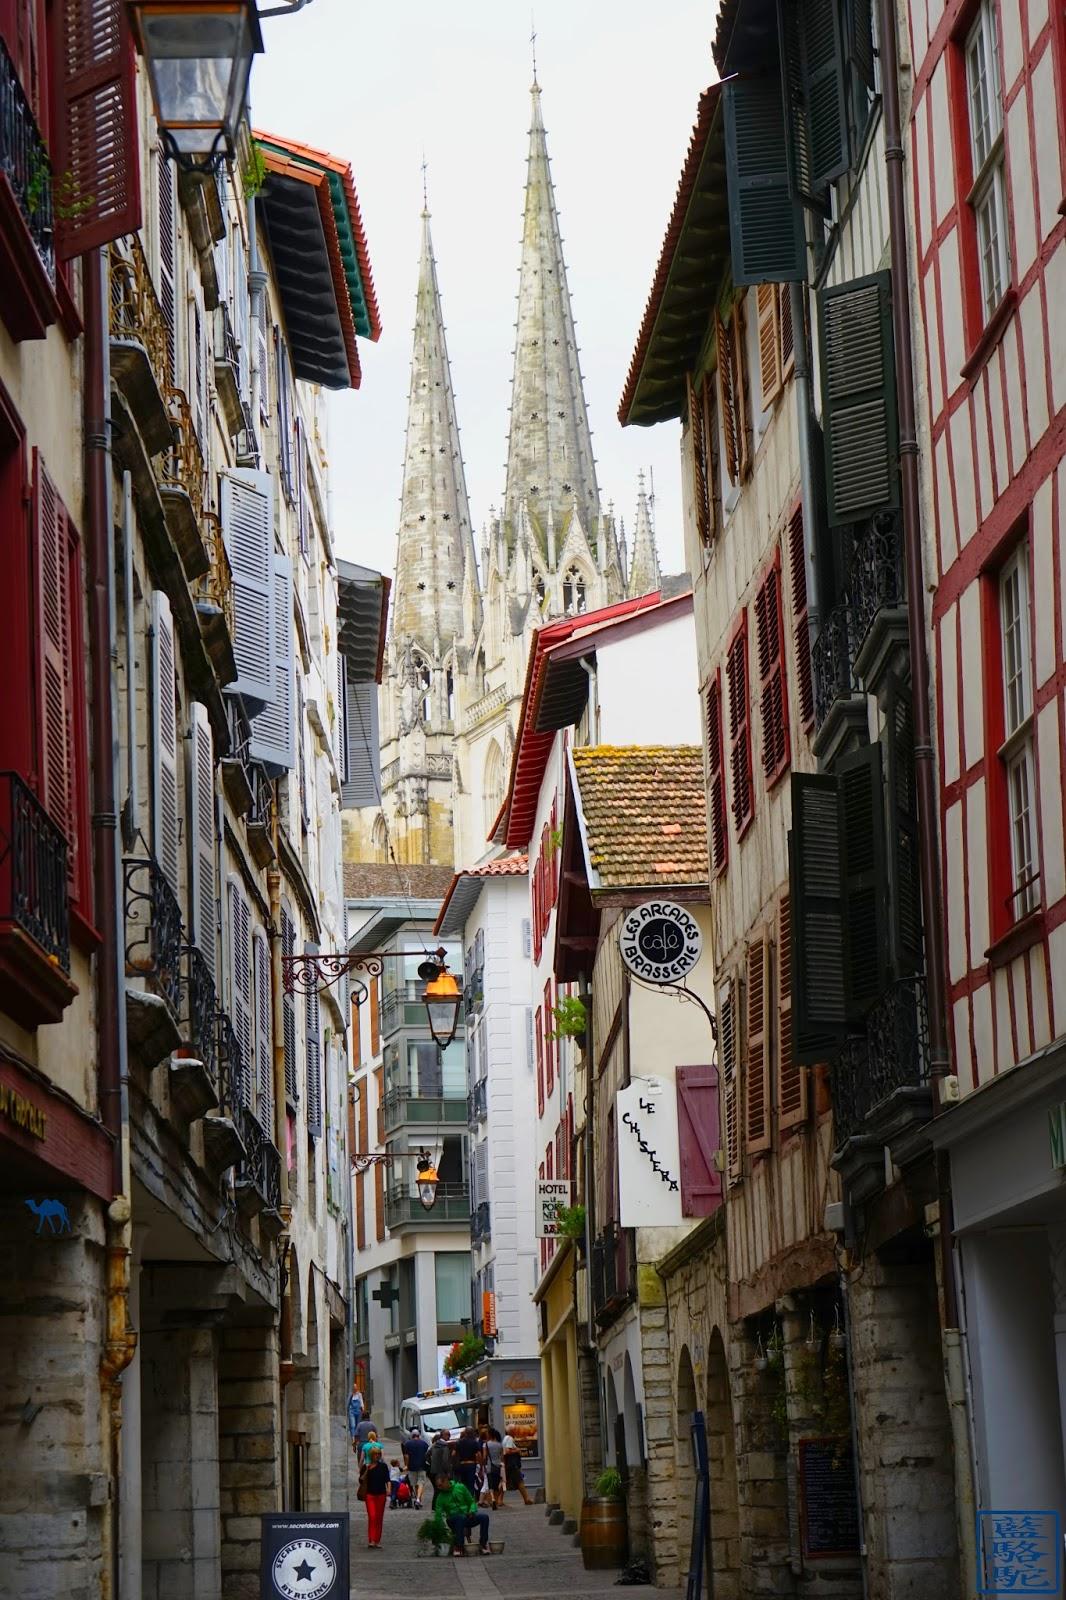 Le Chameau Bleu - Ruelle de  Bayonne - Pays Basque